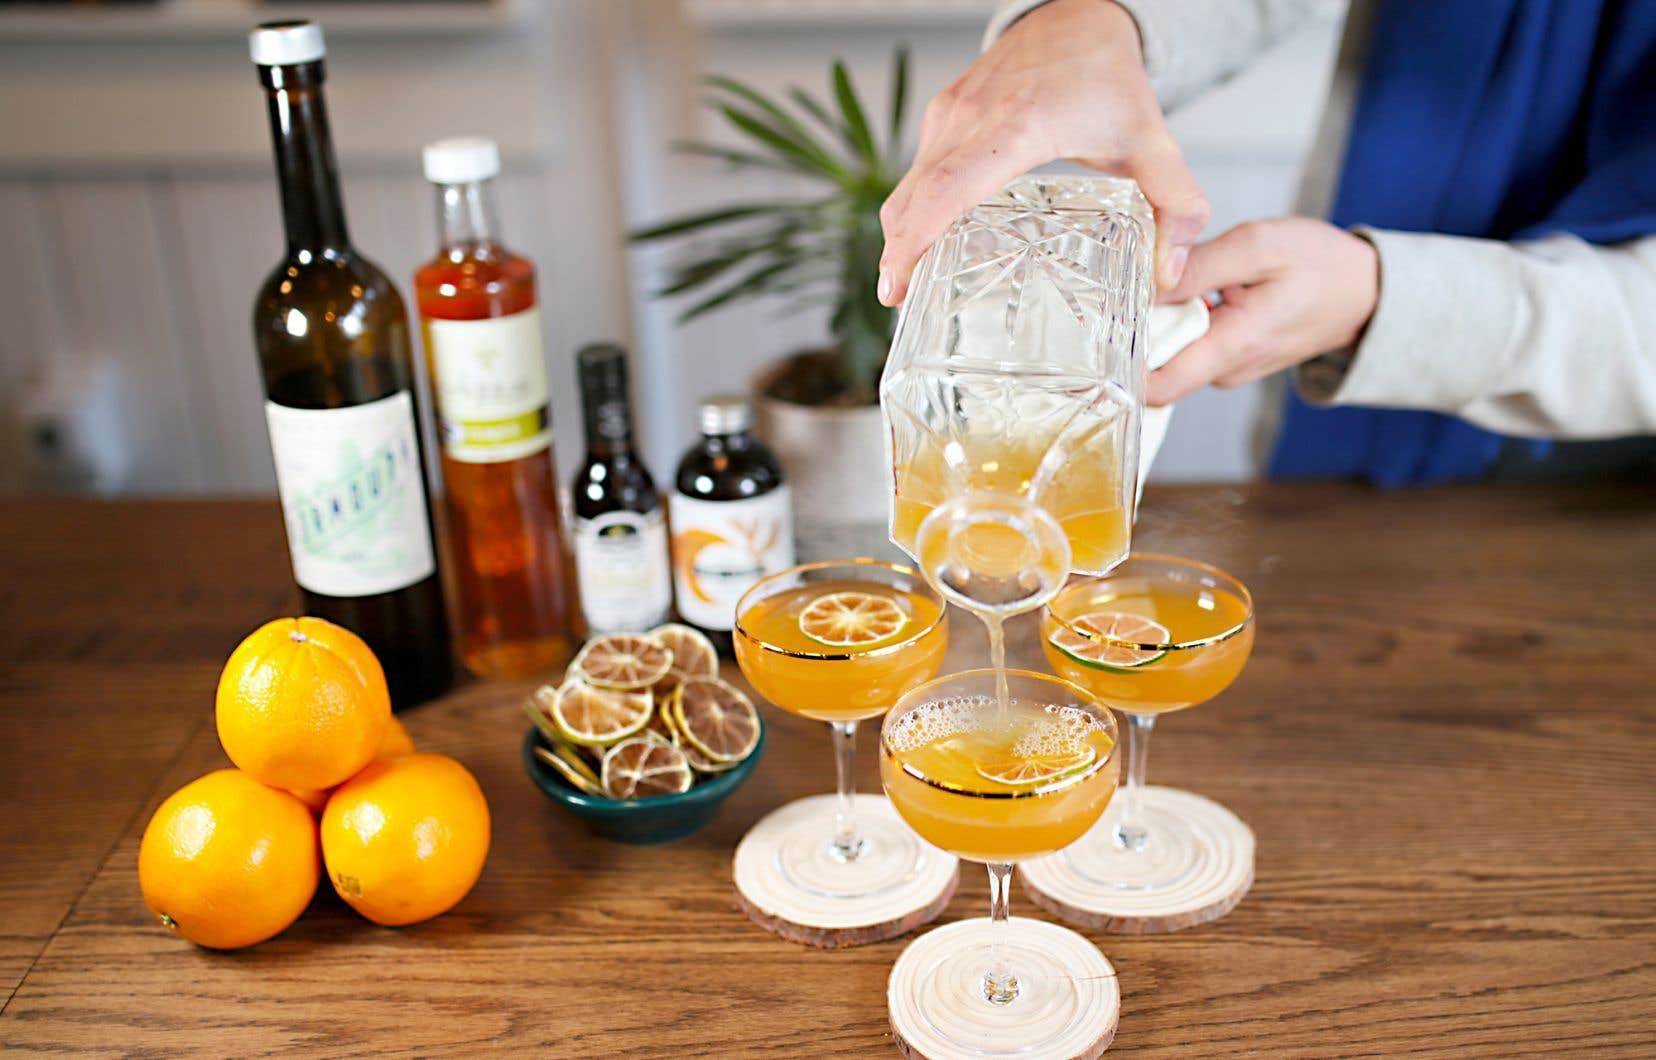 La recette de cette semaine permet de préparer trois ou quatre cocktails.